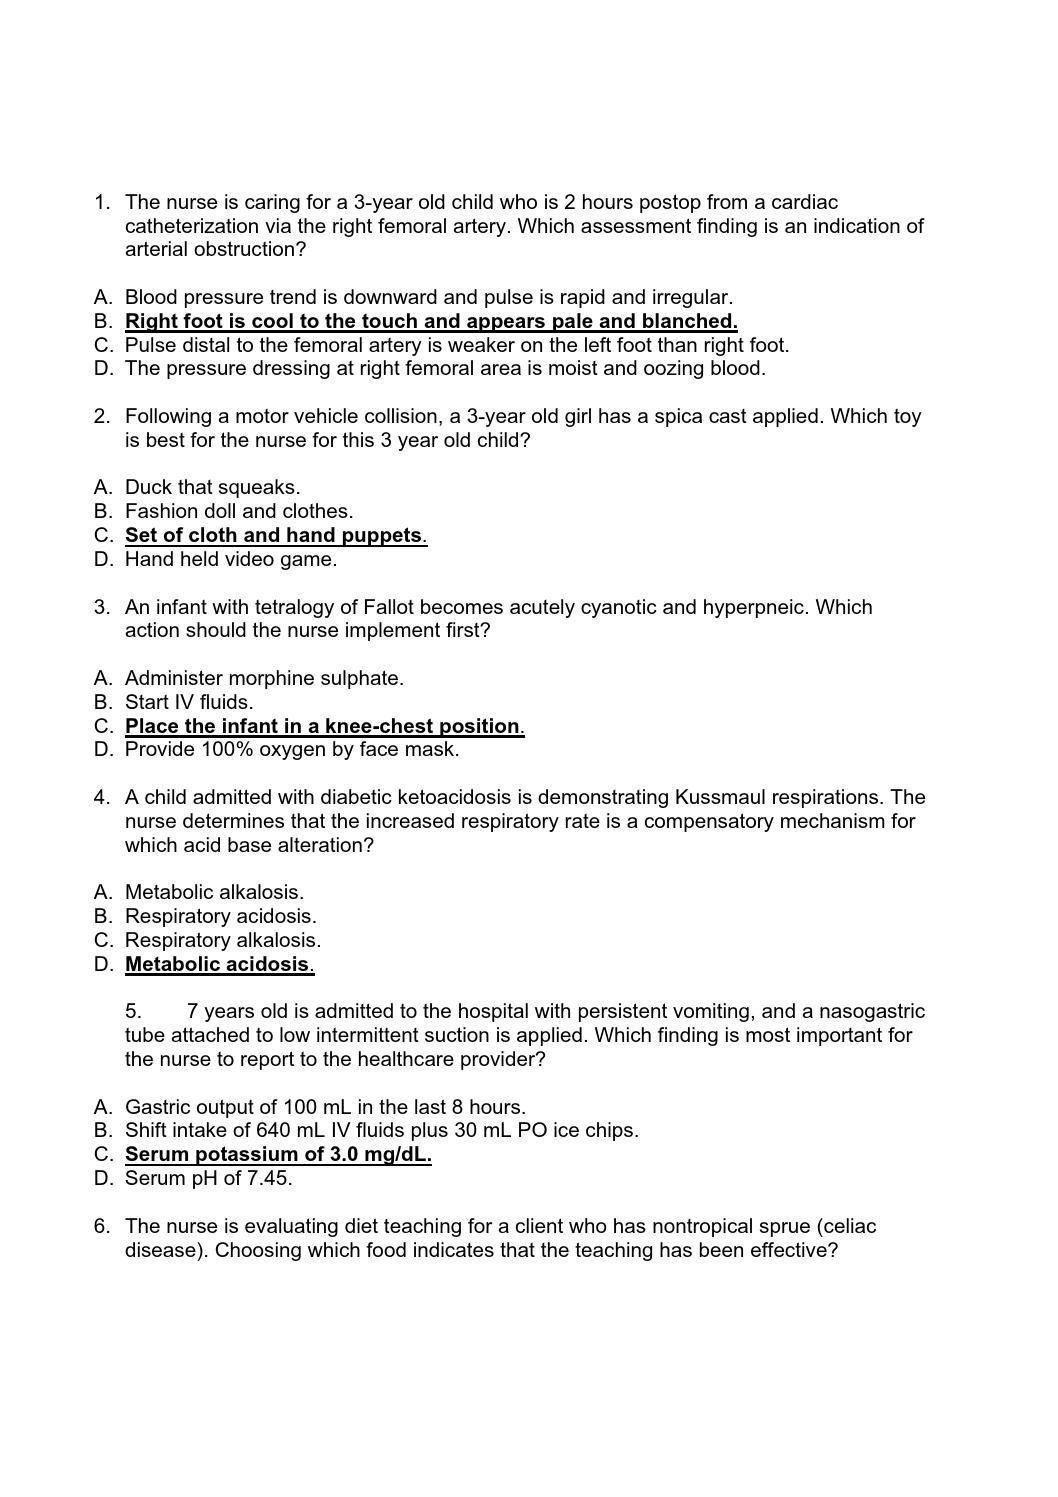 Free Printable Hesi Study Guide